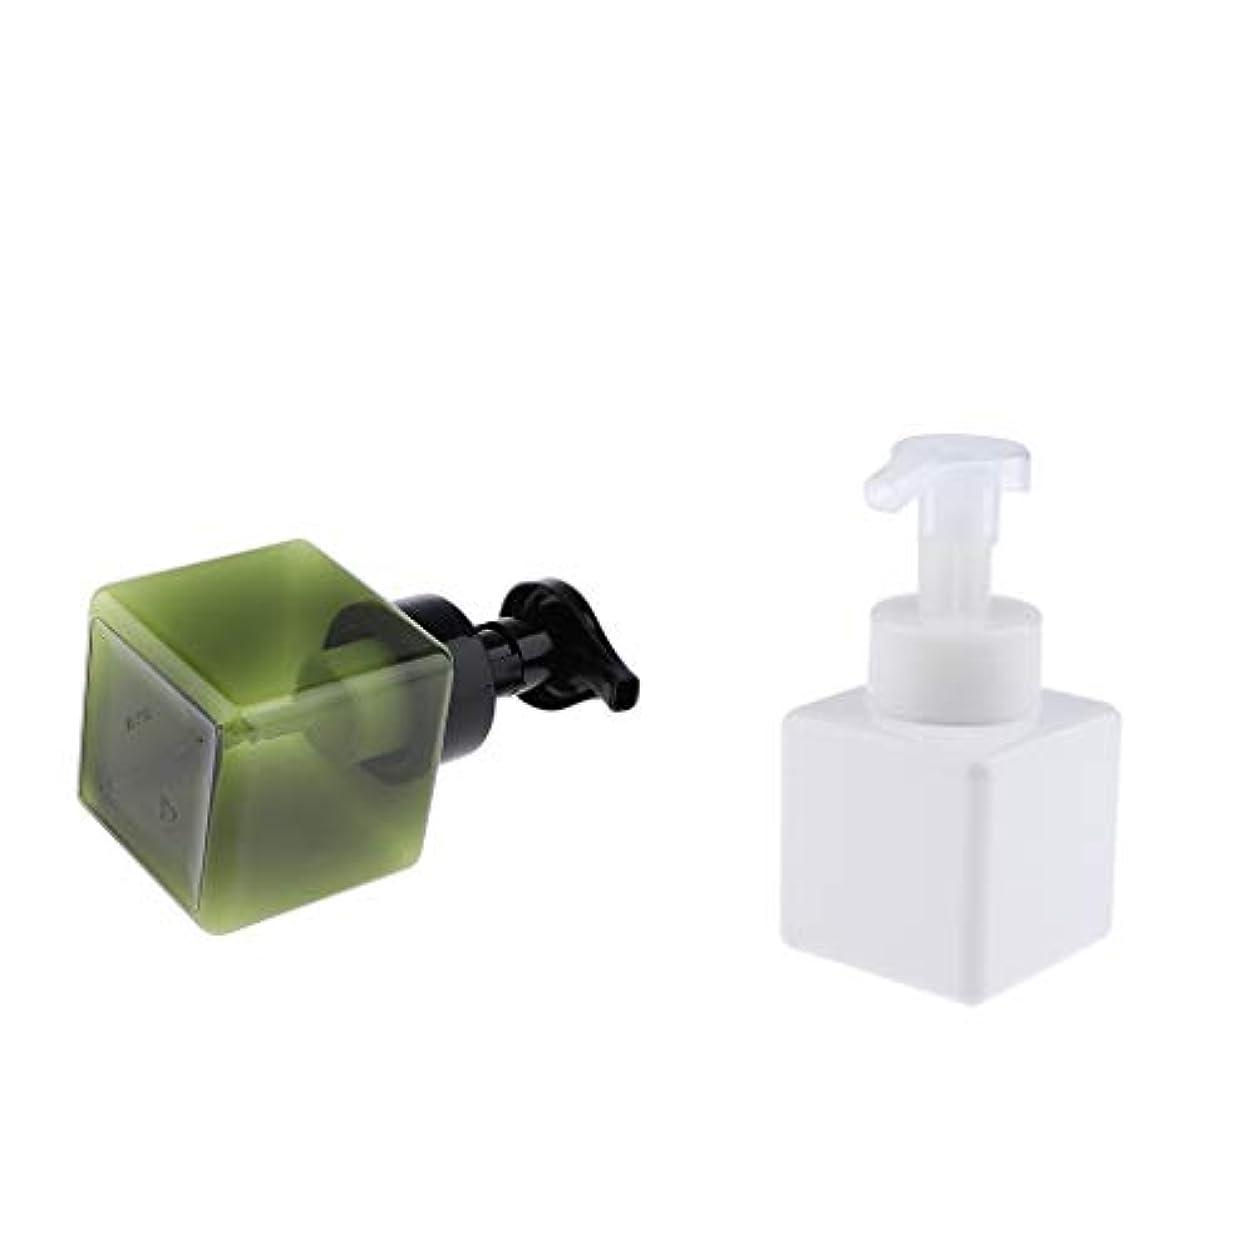 バッグポータル増加するCUTICATE 泡ボトル 携帯用 洗剤用詰め替え容器 約250ミリリットル 泡ハンドソープ ボディソープ 洗顔フォーム